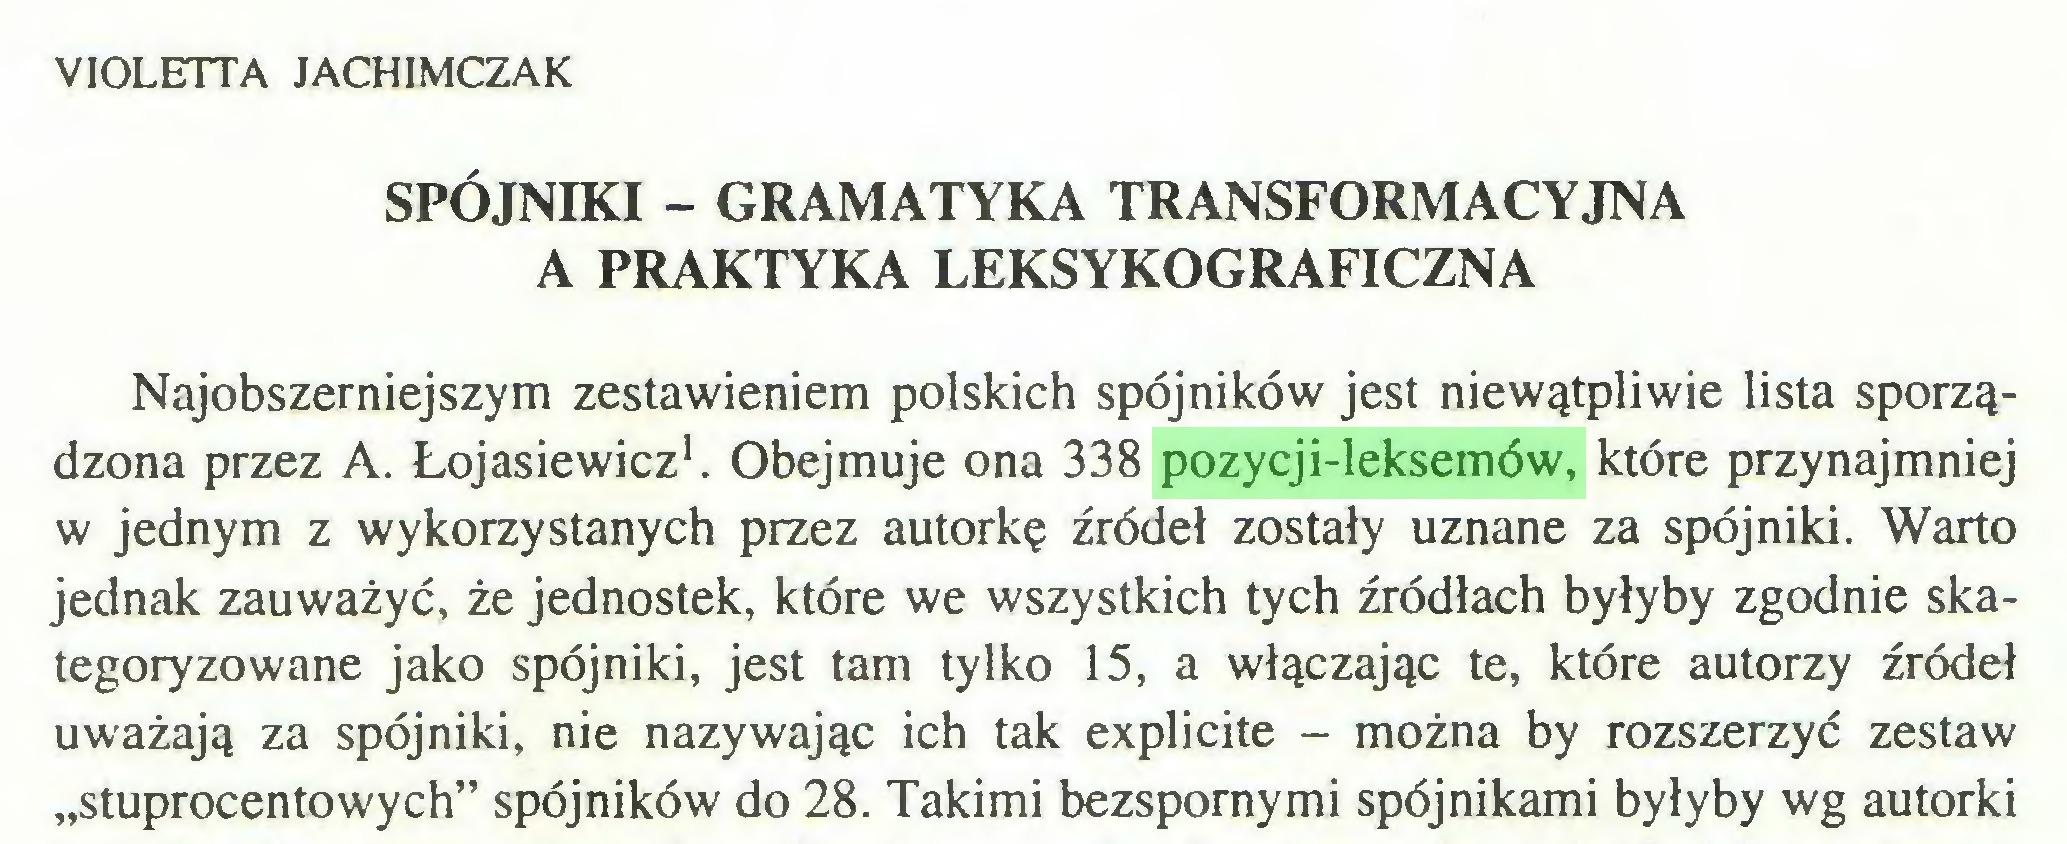 """(...) VIOLETTA JACHIMCZAK SPÓJNIKI - GRAMATYKA TRANSFORMACYJNA A PRAKTYKA LEKSYKOGRAFICZNA Najobszerniejszym zestawieniem polskich spójników jest niewątpliwie lista sporządzona przez A. Łojasiewicz1. Obejmuje ona 338 pozycji-leksemów, które przynajmniej w jednym z wykorzystanych przez autorkę źródeł zostały uznane za spójniki. Warto jednak zauważyć, że jednostek, które we wszystkich tych źródłach byłyby zgodnie skategoryzowane jako spójniki, jest tam tylko 15, a włączając te, które autorzy źródeł uważają za spójniki, nie nazywając ich tak explicite - można by rozszerzyć zestaw """"stuprocentowych"""" spójników do 28. Takimi bezspornymi spójnikami byłyby wg autorki..."""